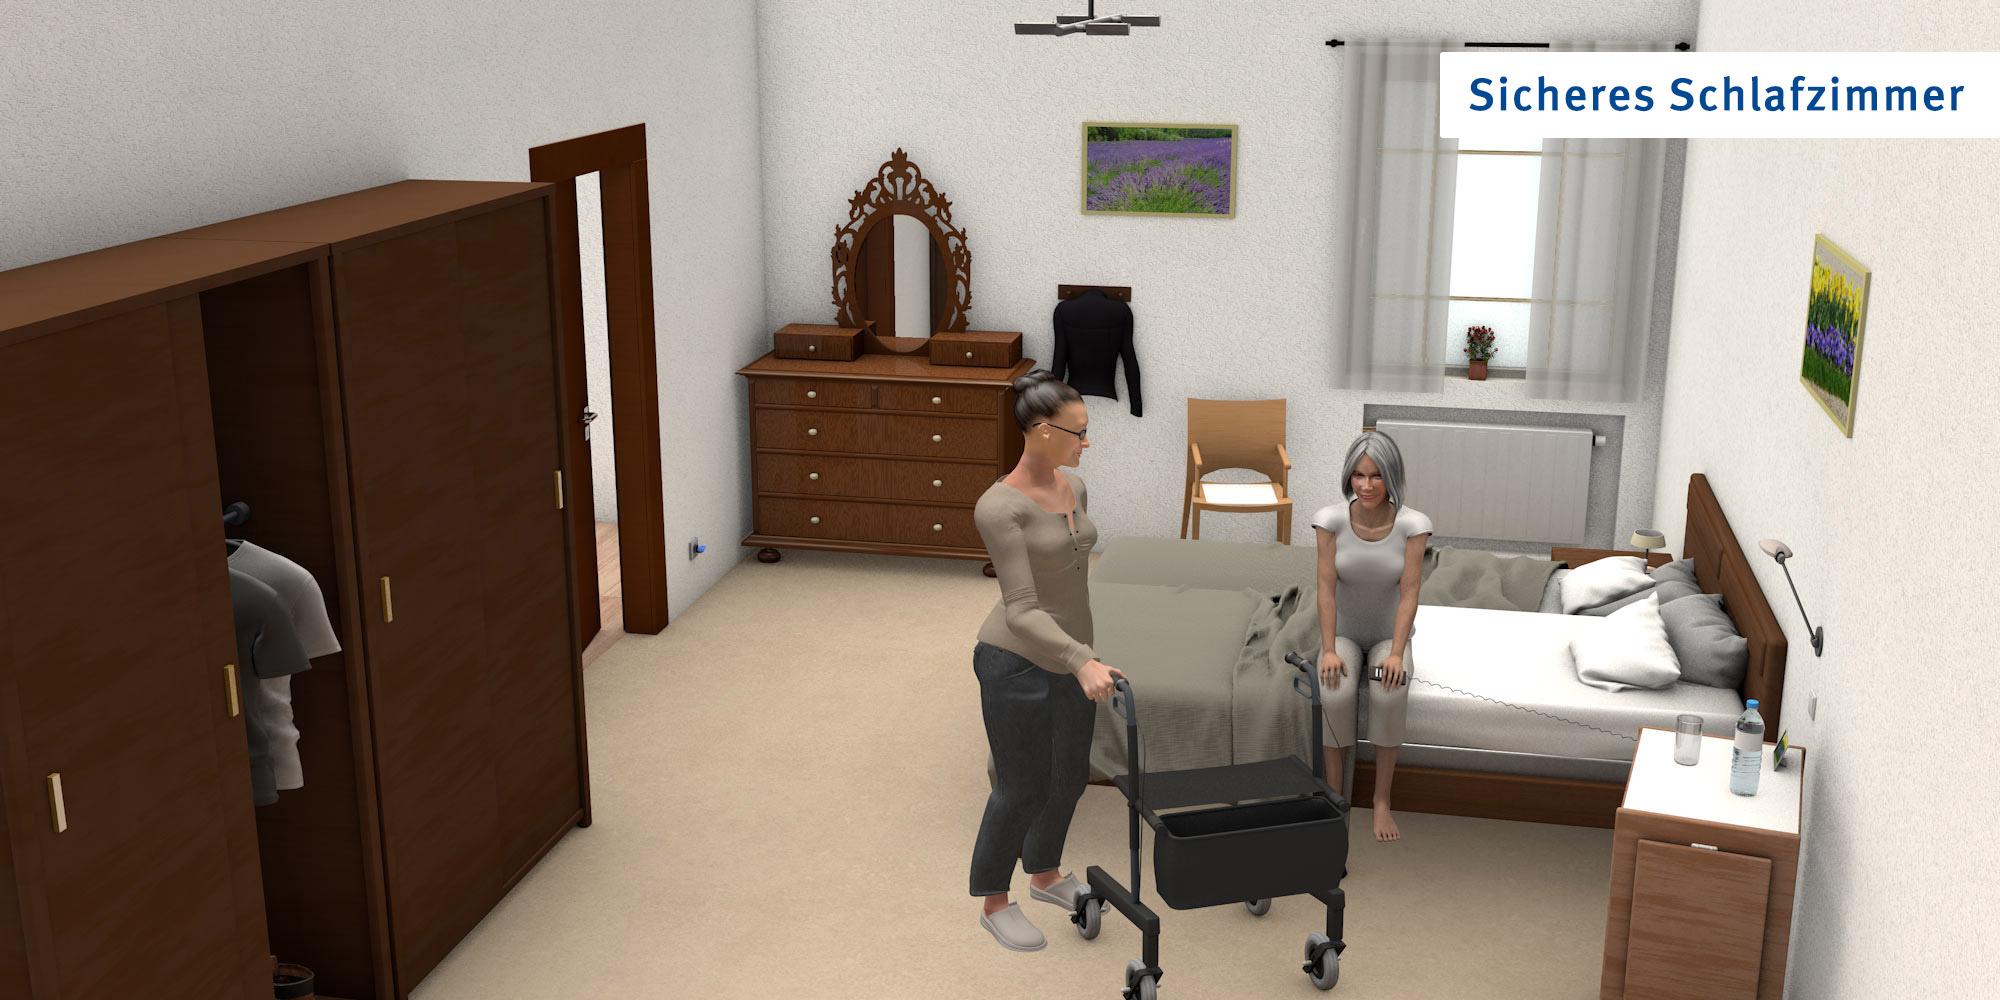 Schlafzimmer - optimierte Version